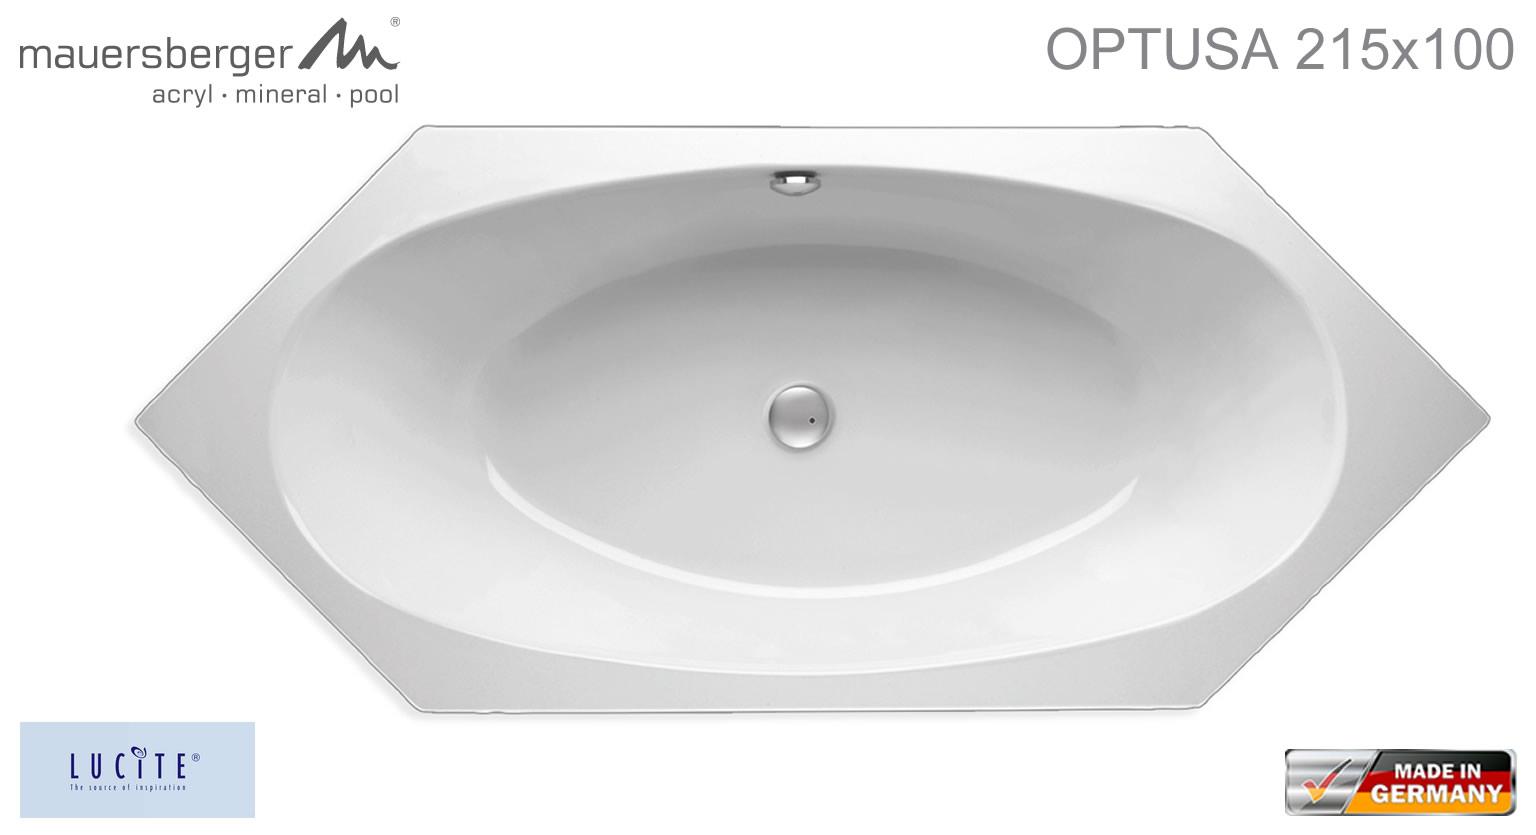 Mauersberger Badewanne OPTUSA 215 x 100 cm - Sechseck - ACRYL - 6 ... | {Sechseck badewanne maße 94}